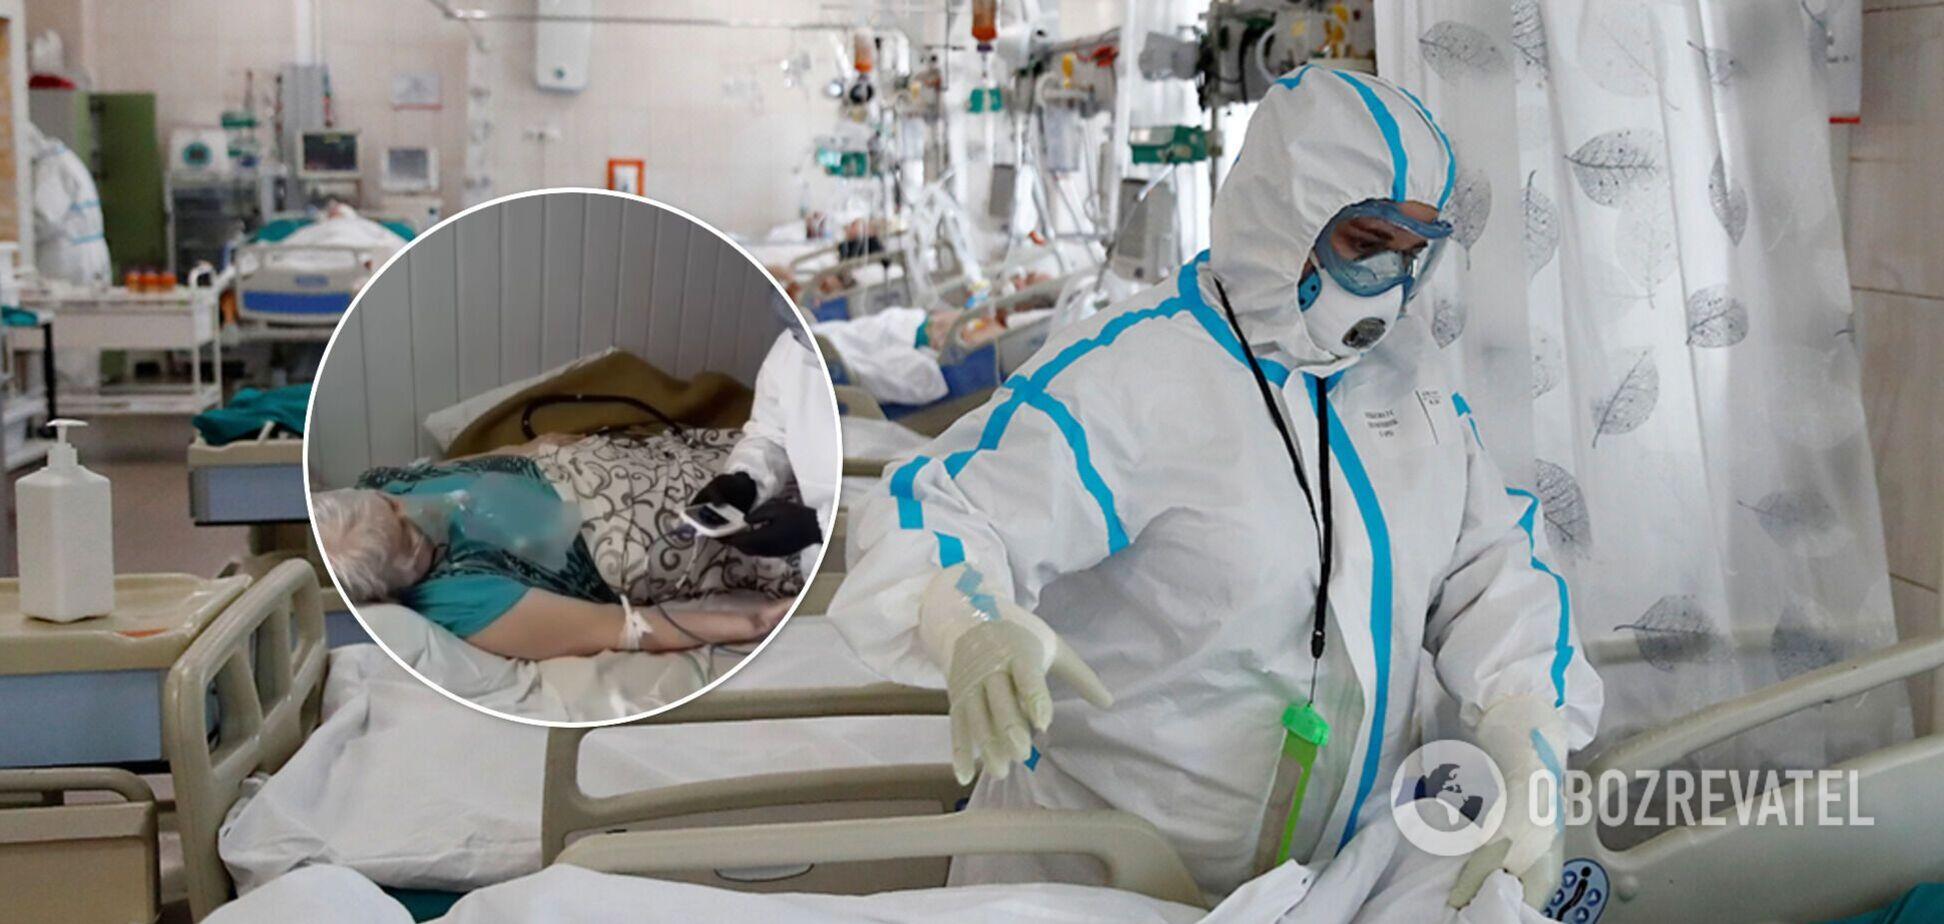 Главный инфекционист Днепра – о COVID-19: отделение заполнено, медперсонал истощен, все падают с ног